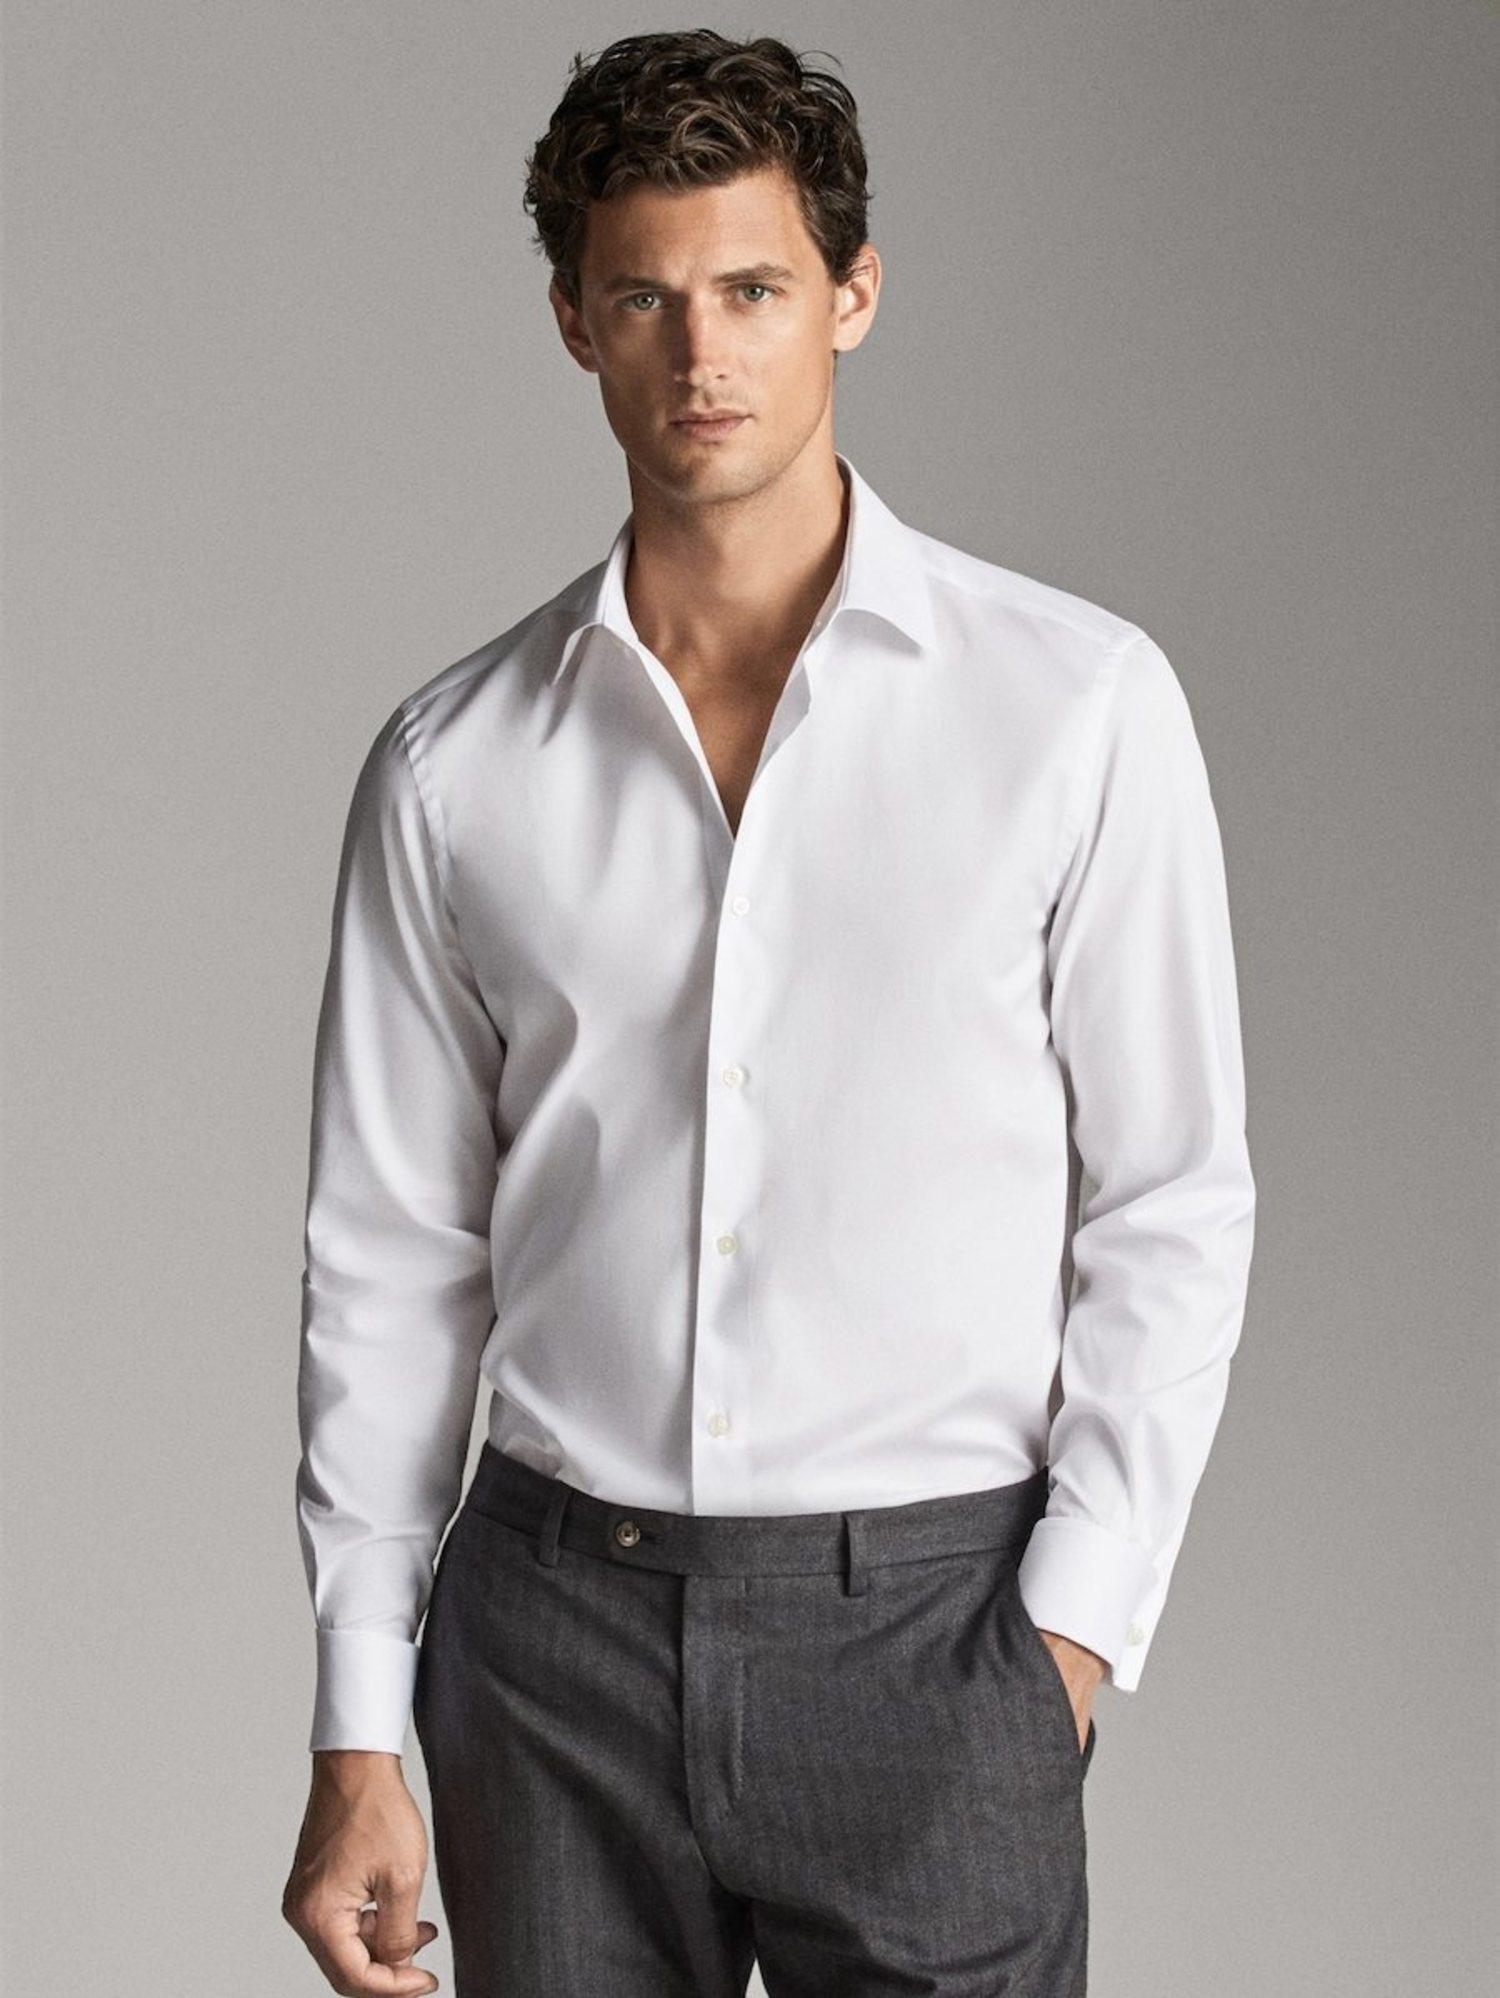 Camisa blanca estilo tailored.